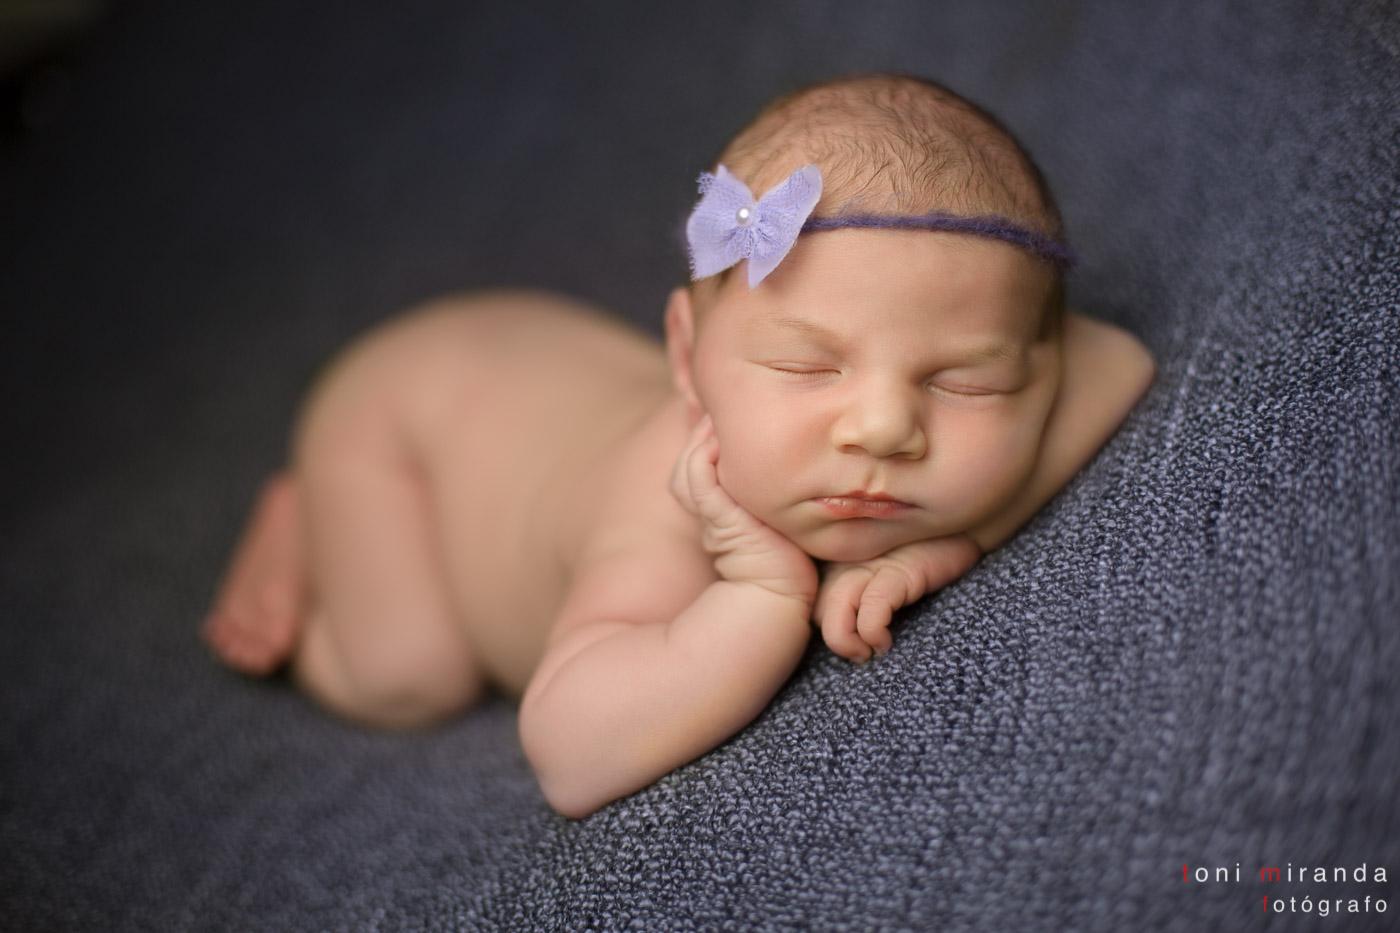 bebe recien nacida durmiendo